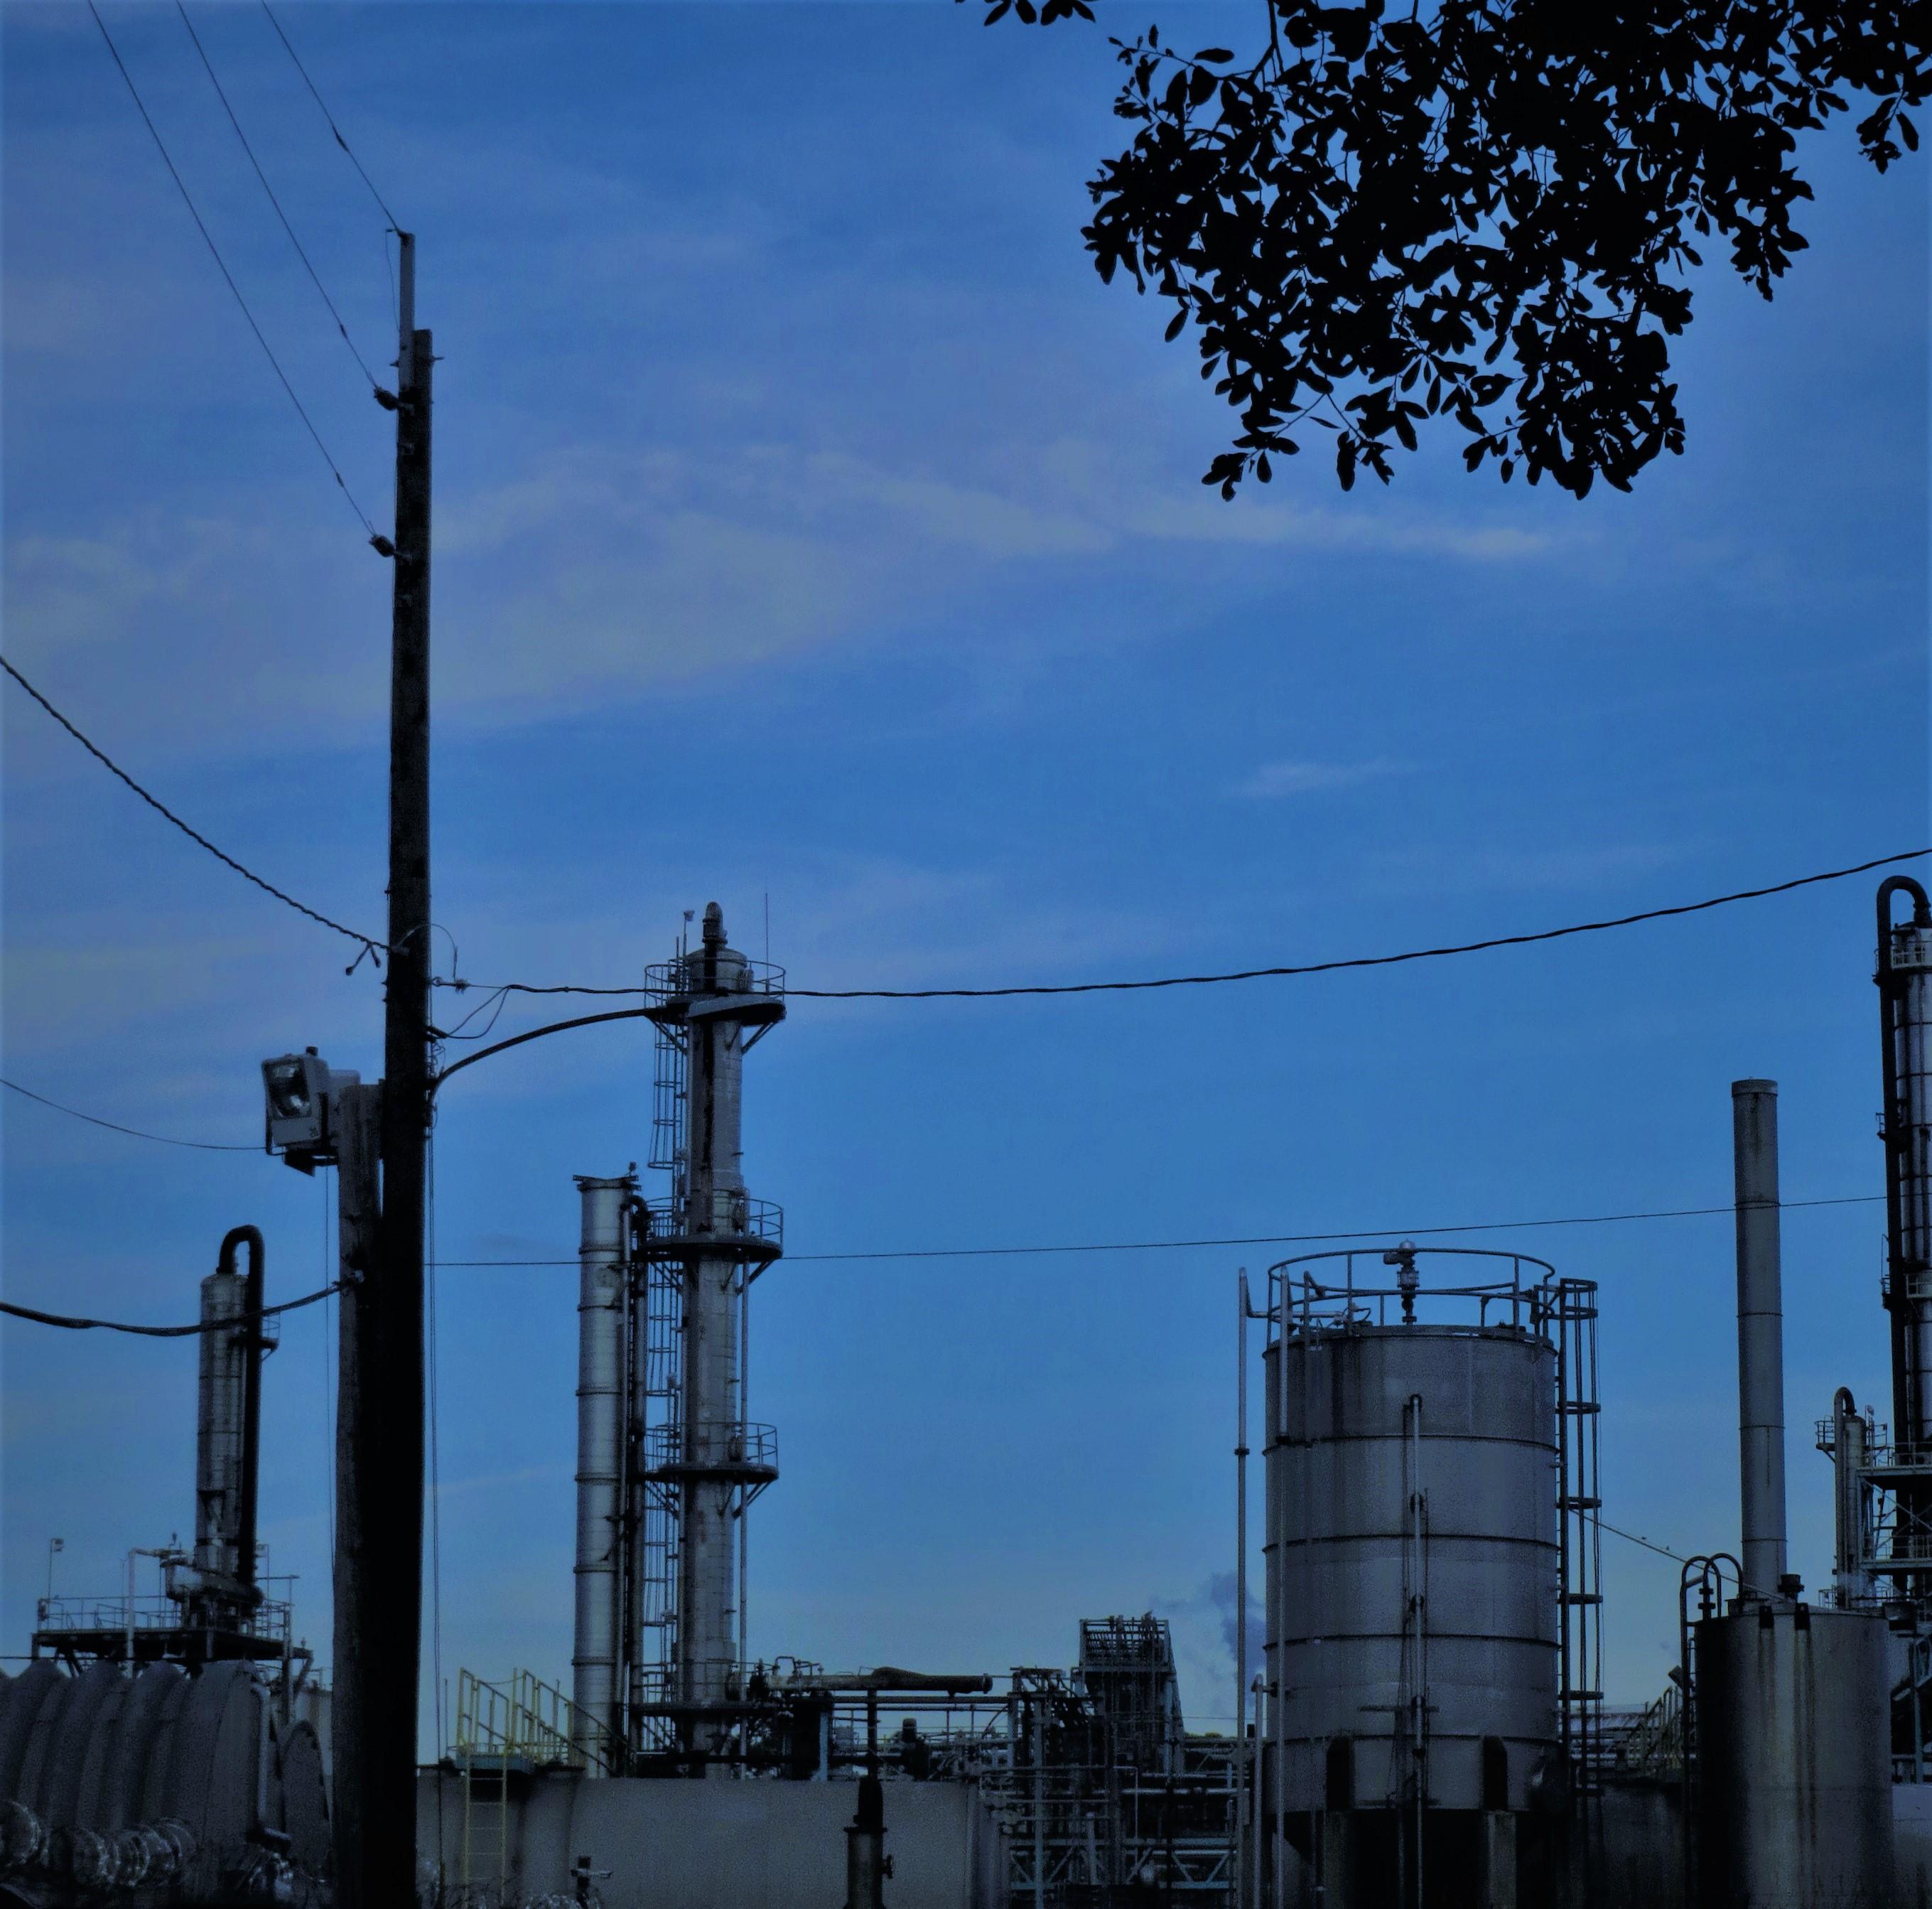 Norwood: Standard Turpentine Co , Glidden, SCM Organics, SCM